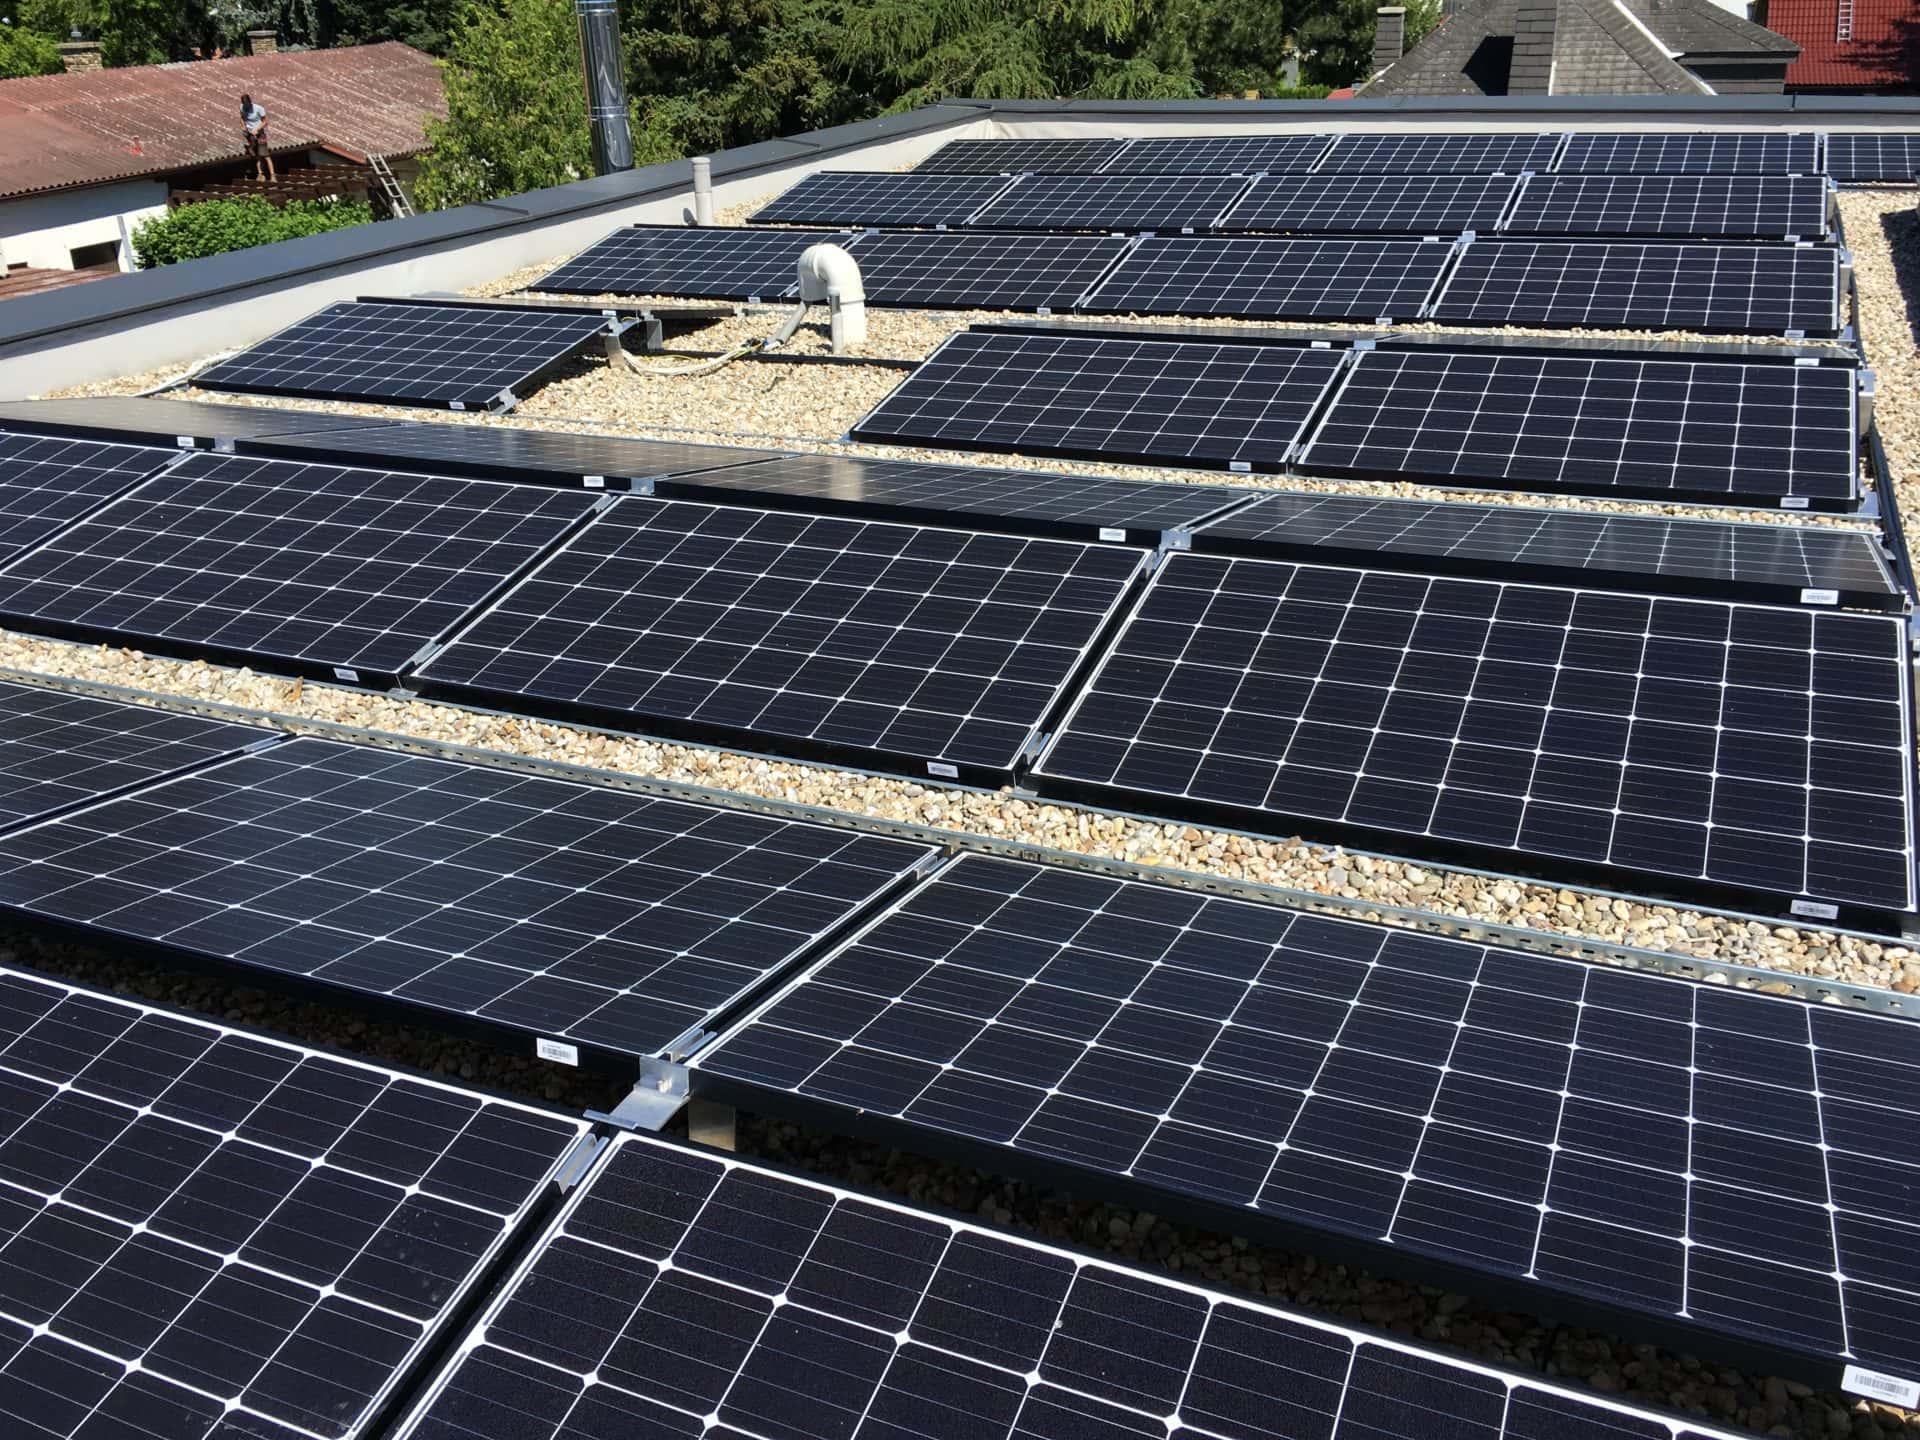 Referenzbild einer Photovoltaik Ost-West Ausrichtung